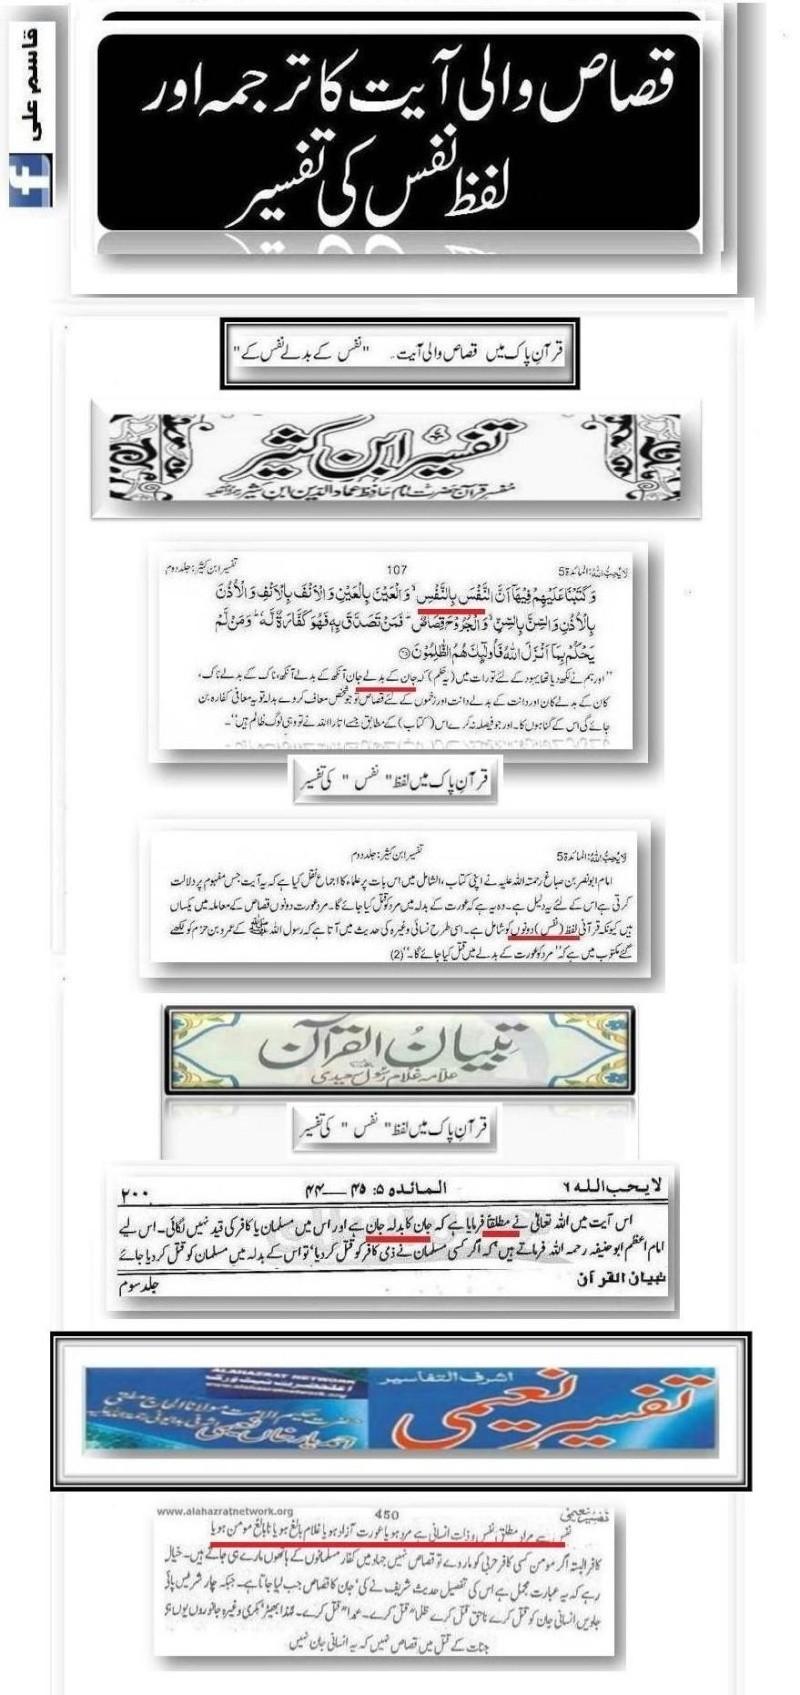 دیت کی جعلی فتوی فیکٹری پر منہاج القرآن کی فتح کا جھنڈا - Page 2 Postd210